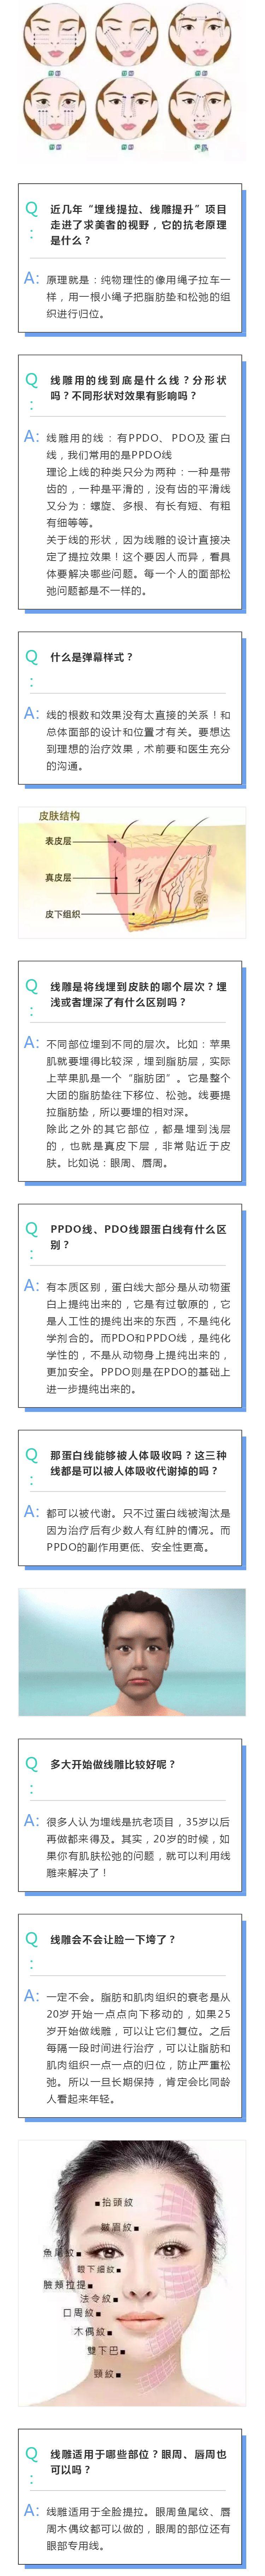 上海美莱|关于线雕18个问题全讲解